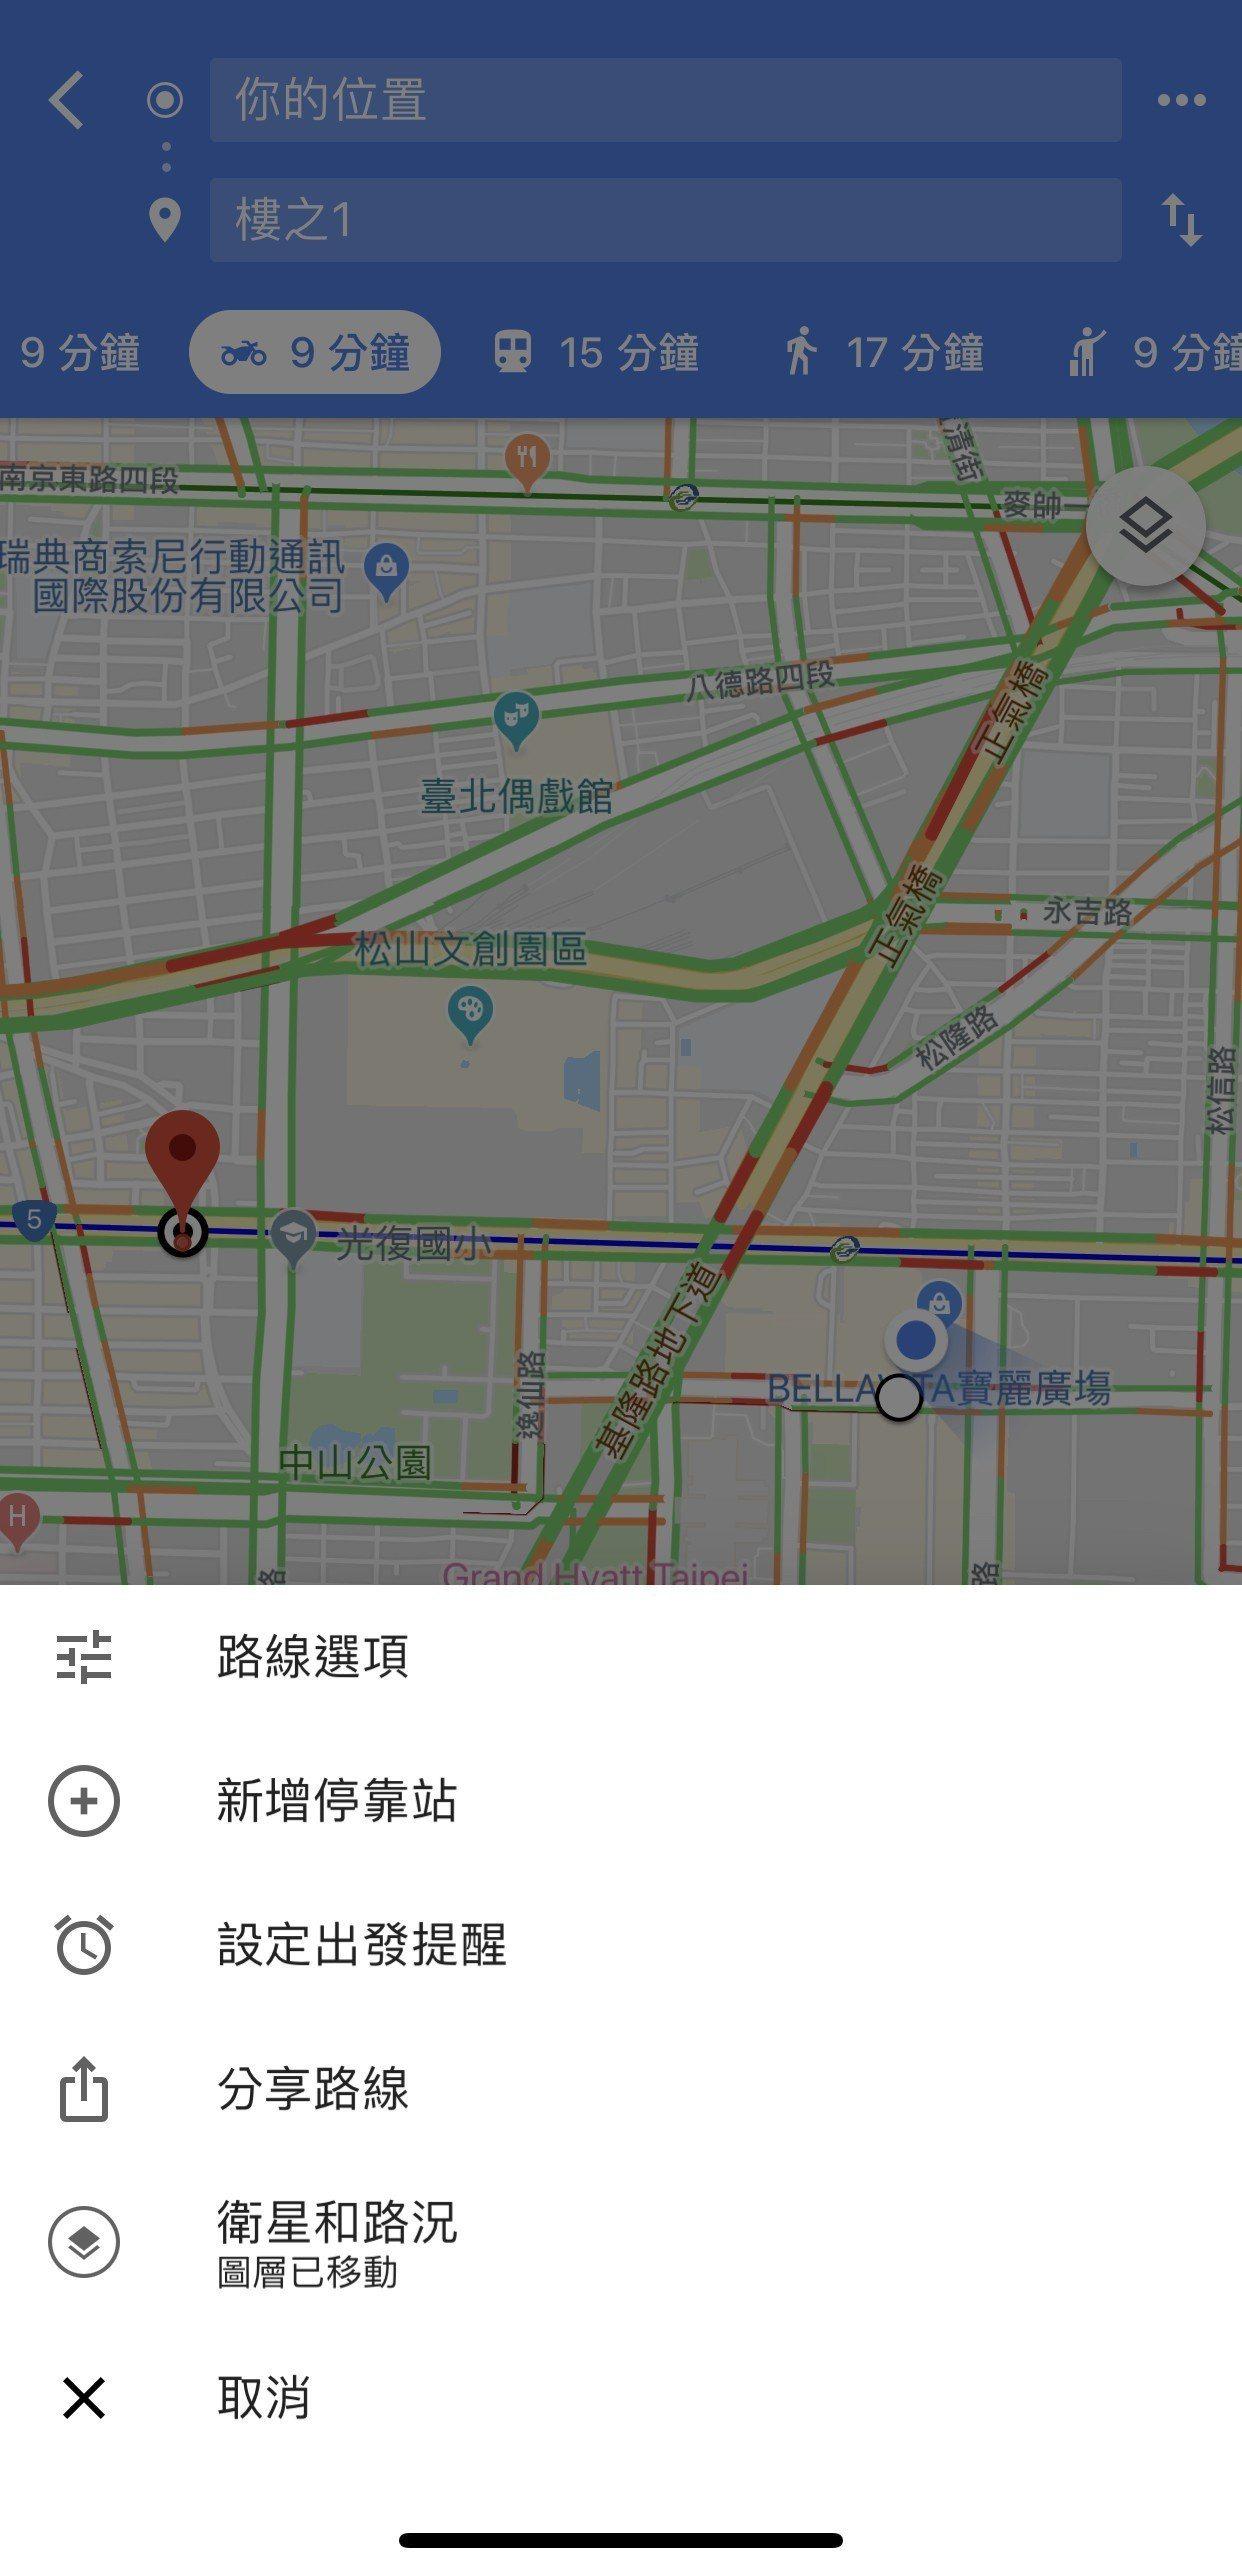 可設定中間停靠點,多點導航路線規劃更方便。圖/摘自Google地圖